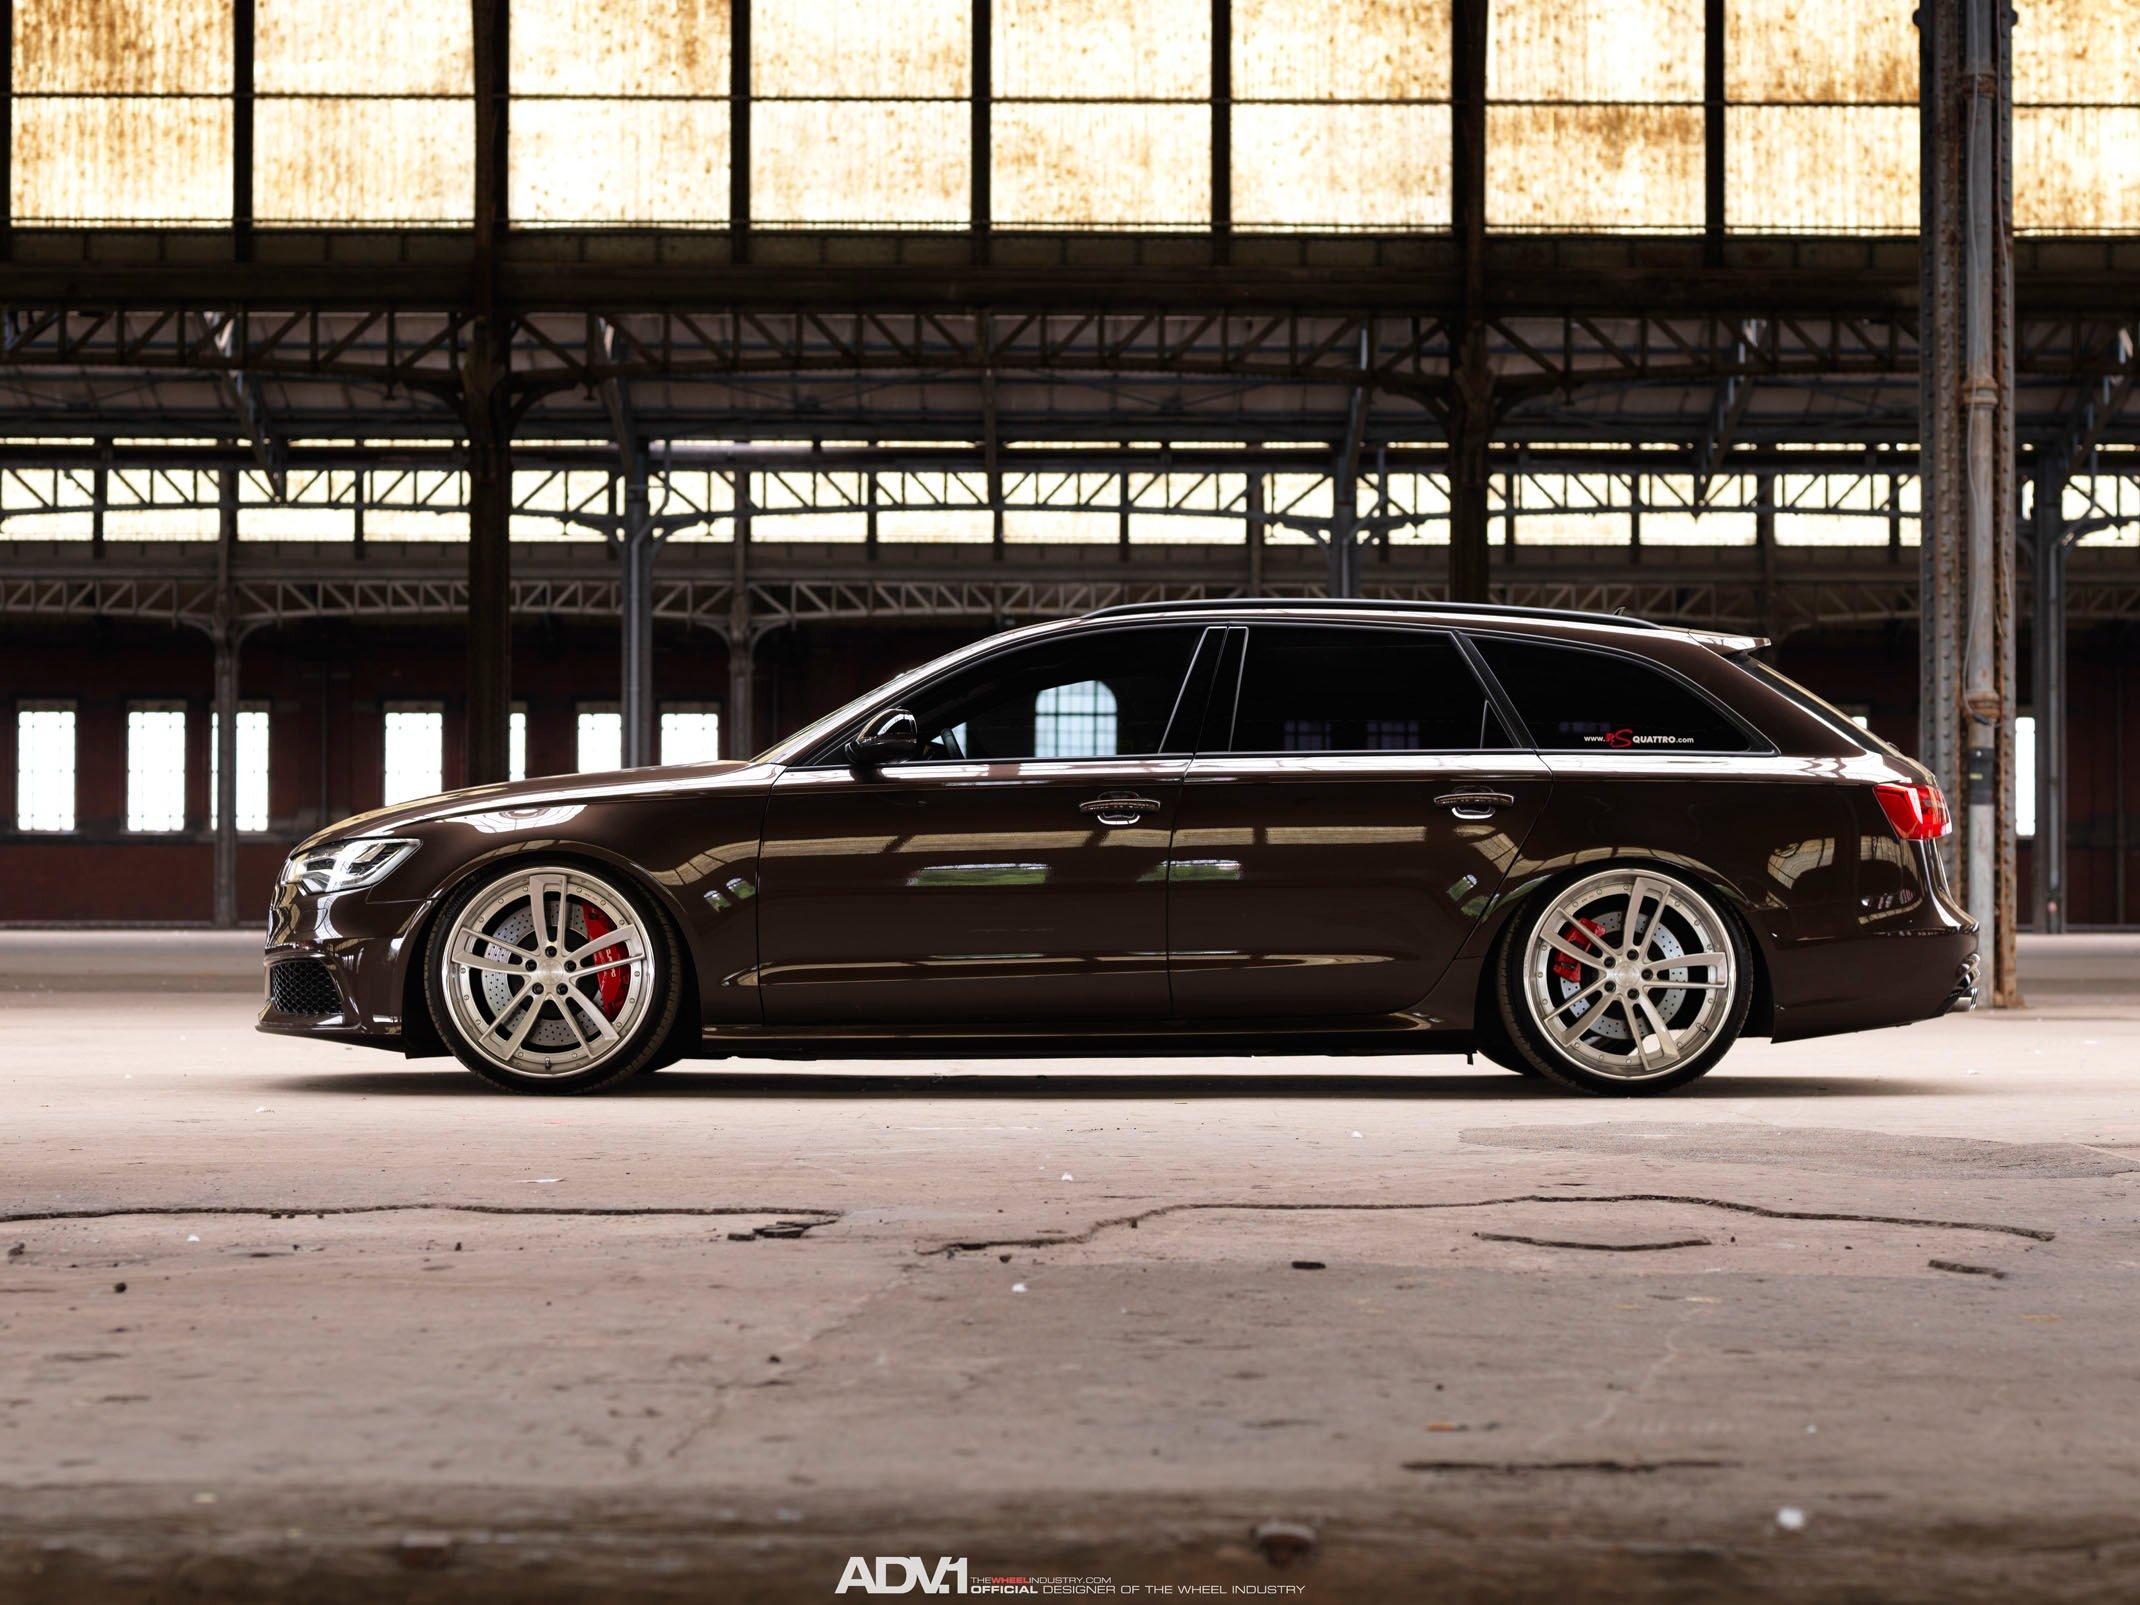 Adv 1 Wheels Gallery Audi A6 Avant Wagon Cars Tuning